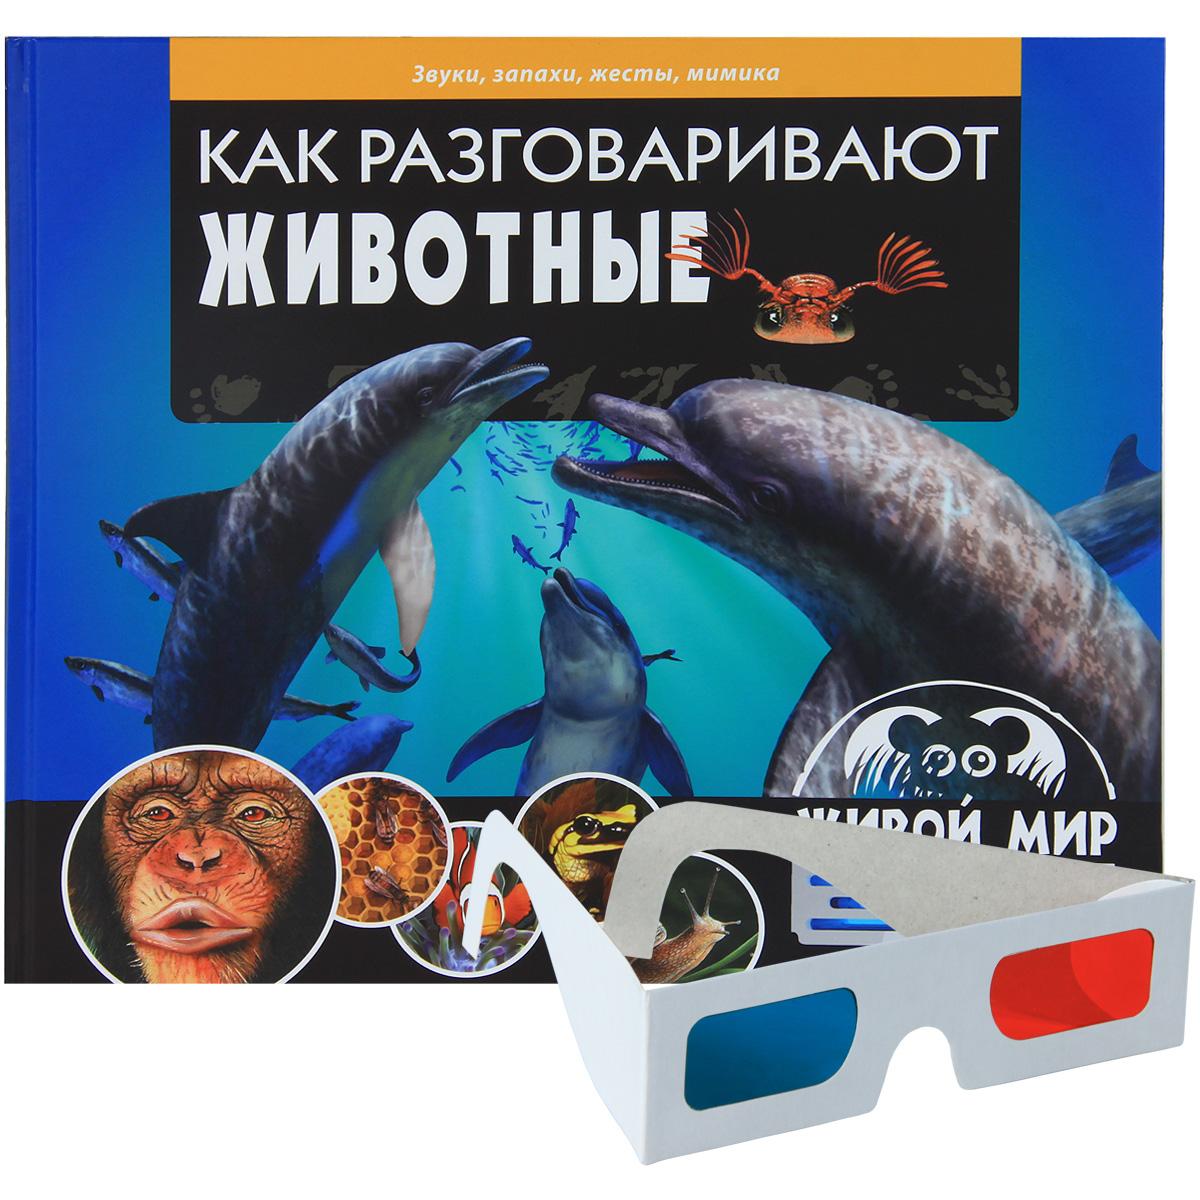 Как разговаривают животные. Звуки, запахи, жесты, мимика (+ 3D-очки)12296407Невероятный и удивительный мир животных - взгляд изнутри! Объемные панорамные изображения великолепного качества создают потрясающий эффект присутствия на африканском сафари и бескрайних океанских глубинах. Просто открой книгу и надень 3D-очки! Сотни удивительных фактов обо всех созданиях, населяющих нашу планету! Путешествуй и изучай живой мир Земли, не выходя из дома!